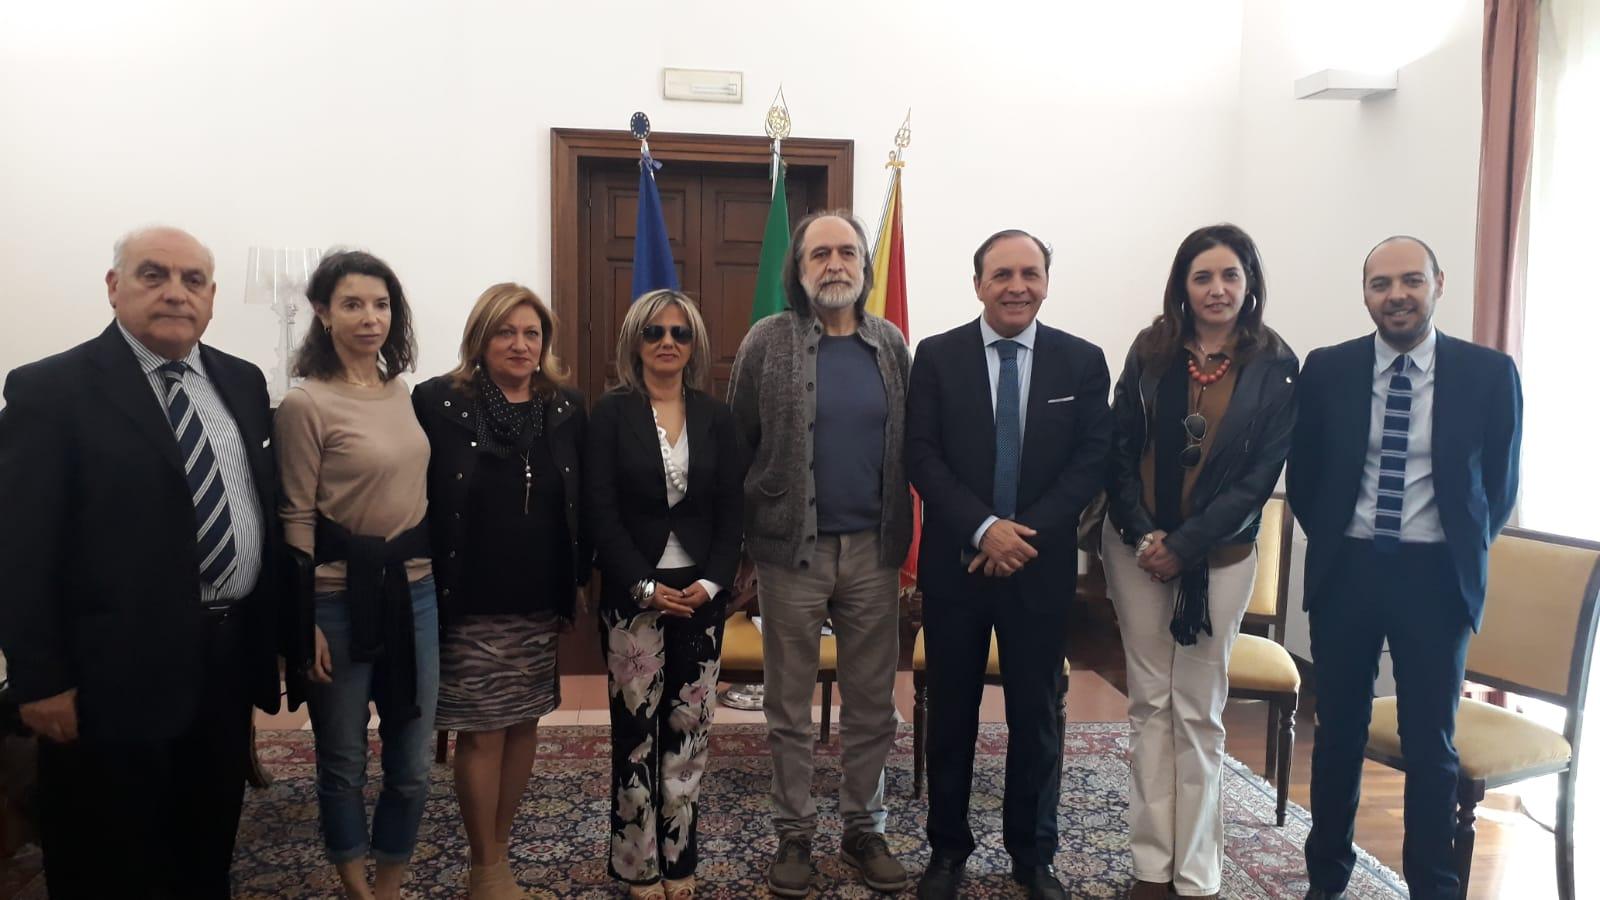 Paternò, una Scuola di Cinema grazie all'italoamericano Vitti: il progetto piace al sindaco